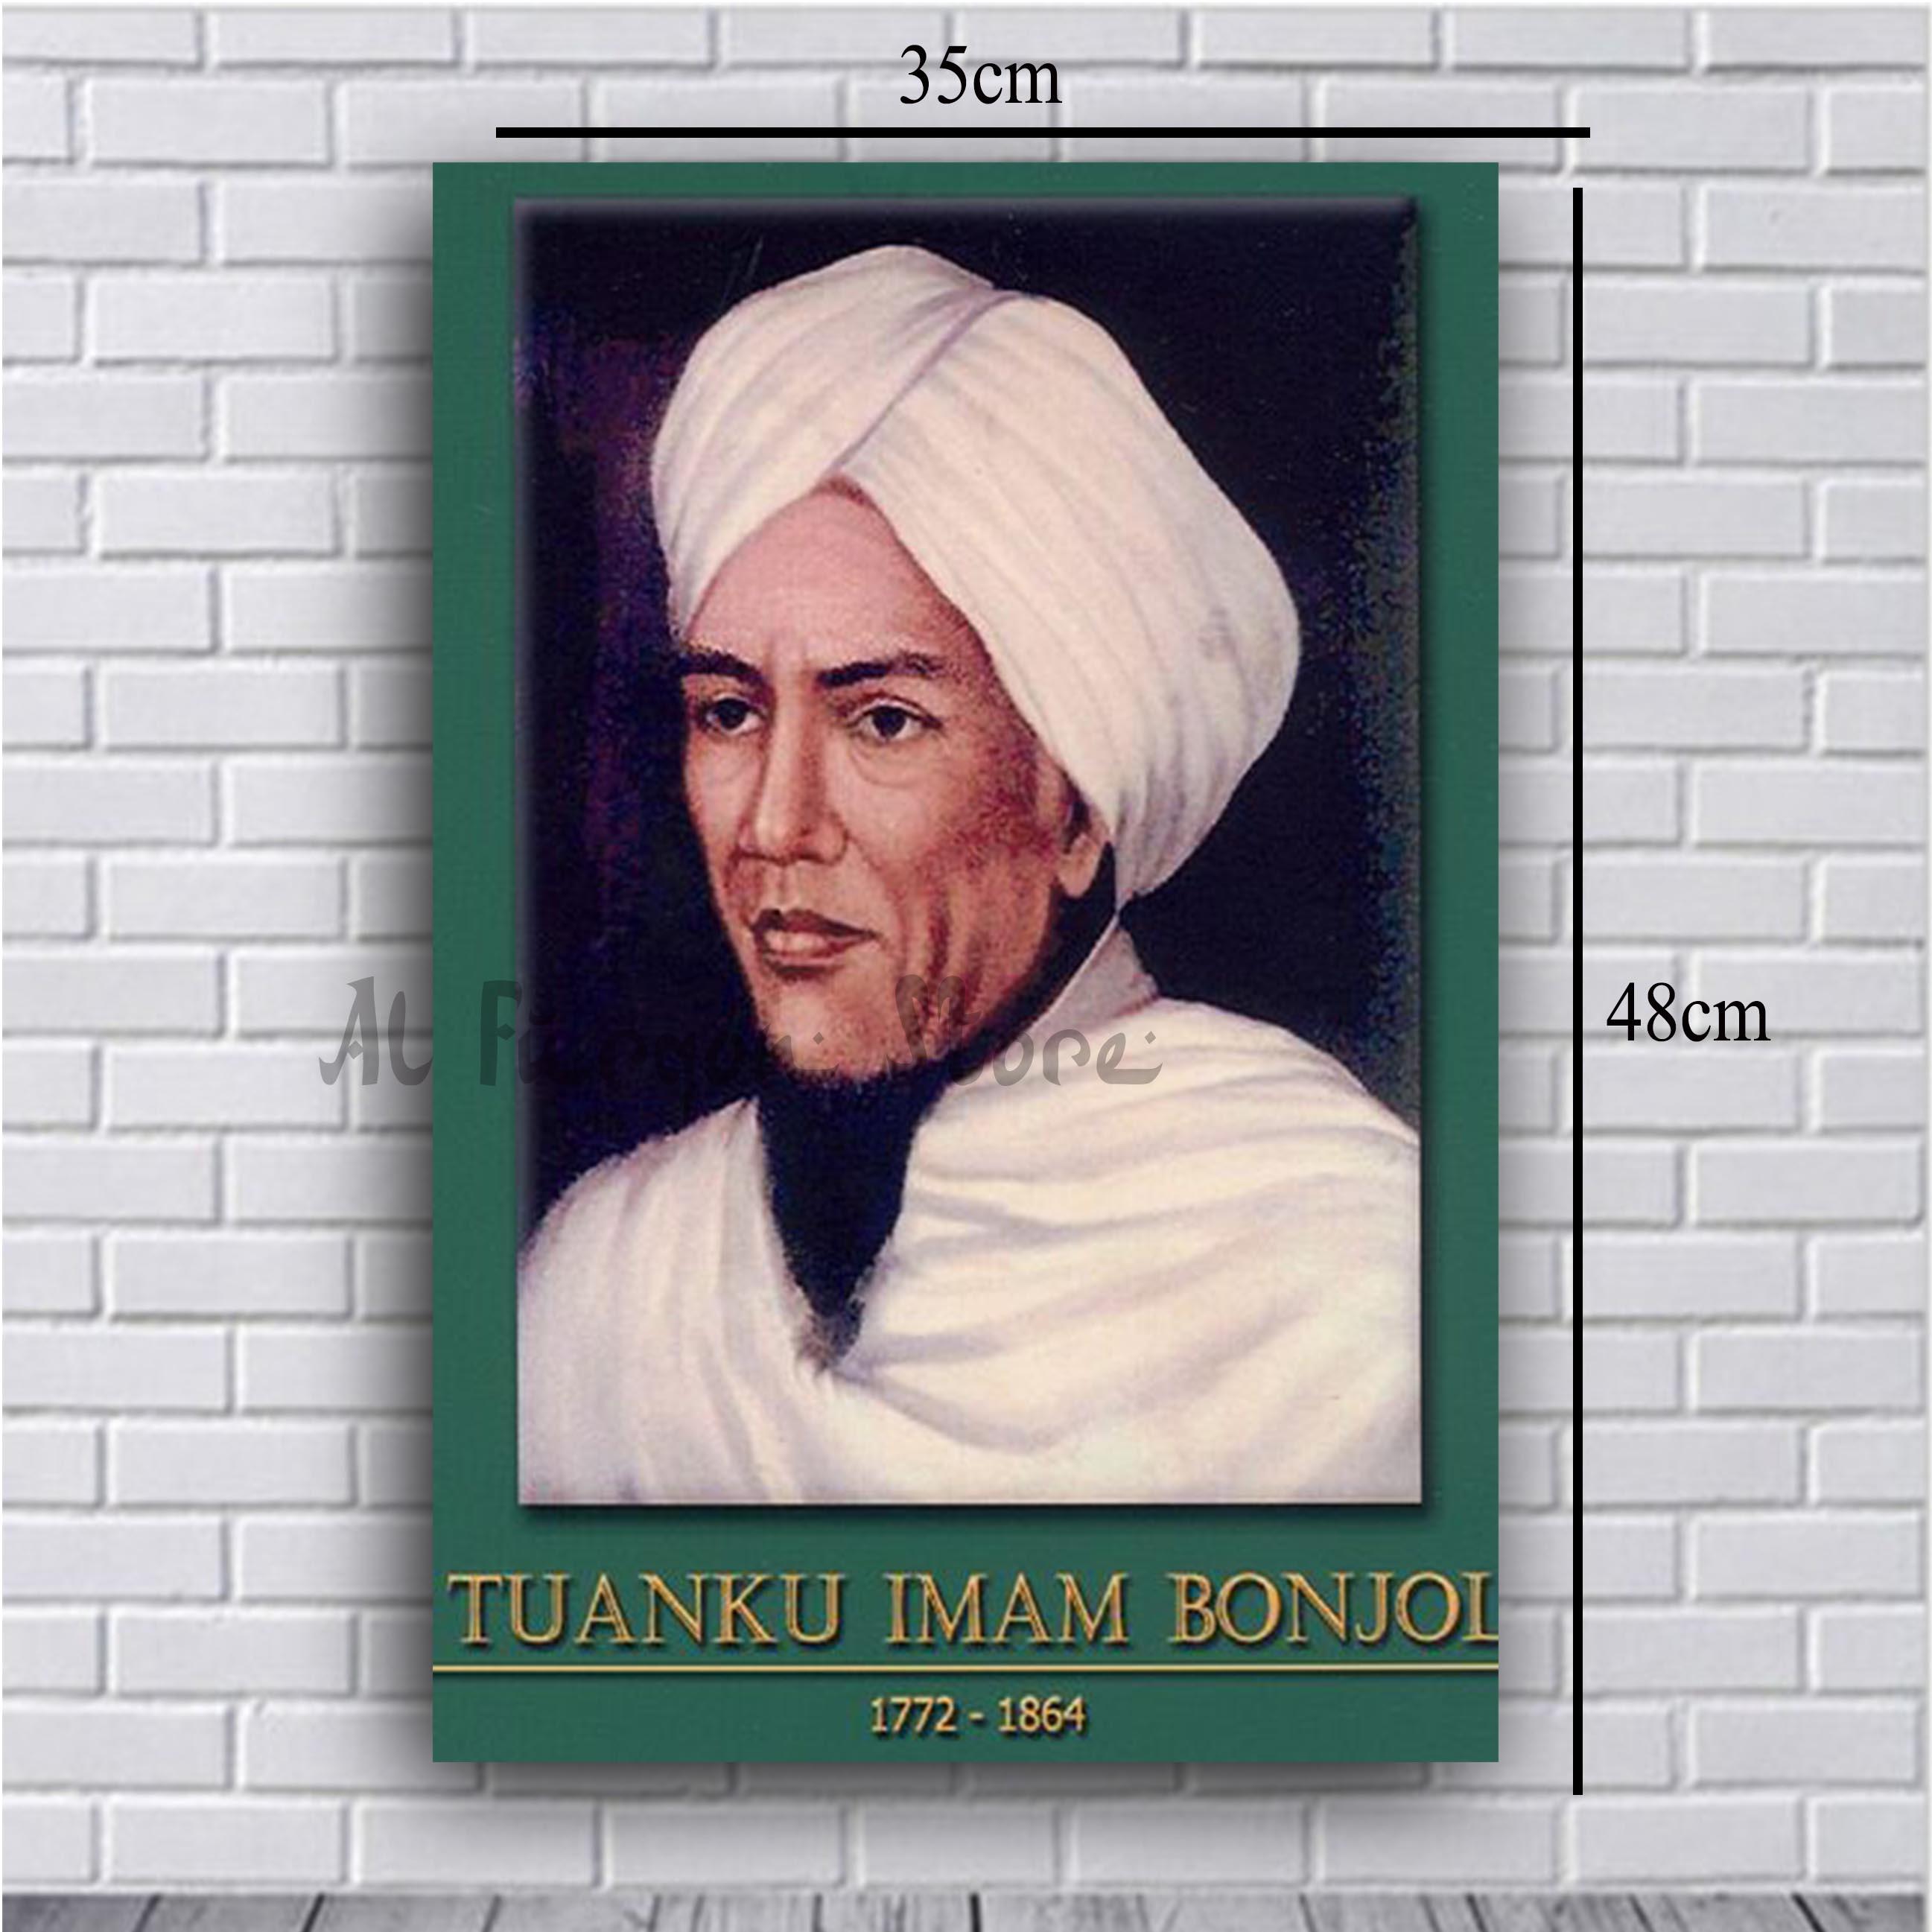 Download Gambar Tuanku Imam Bonjol